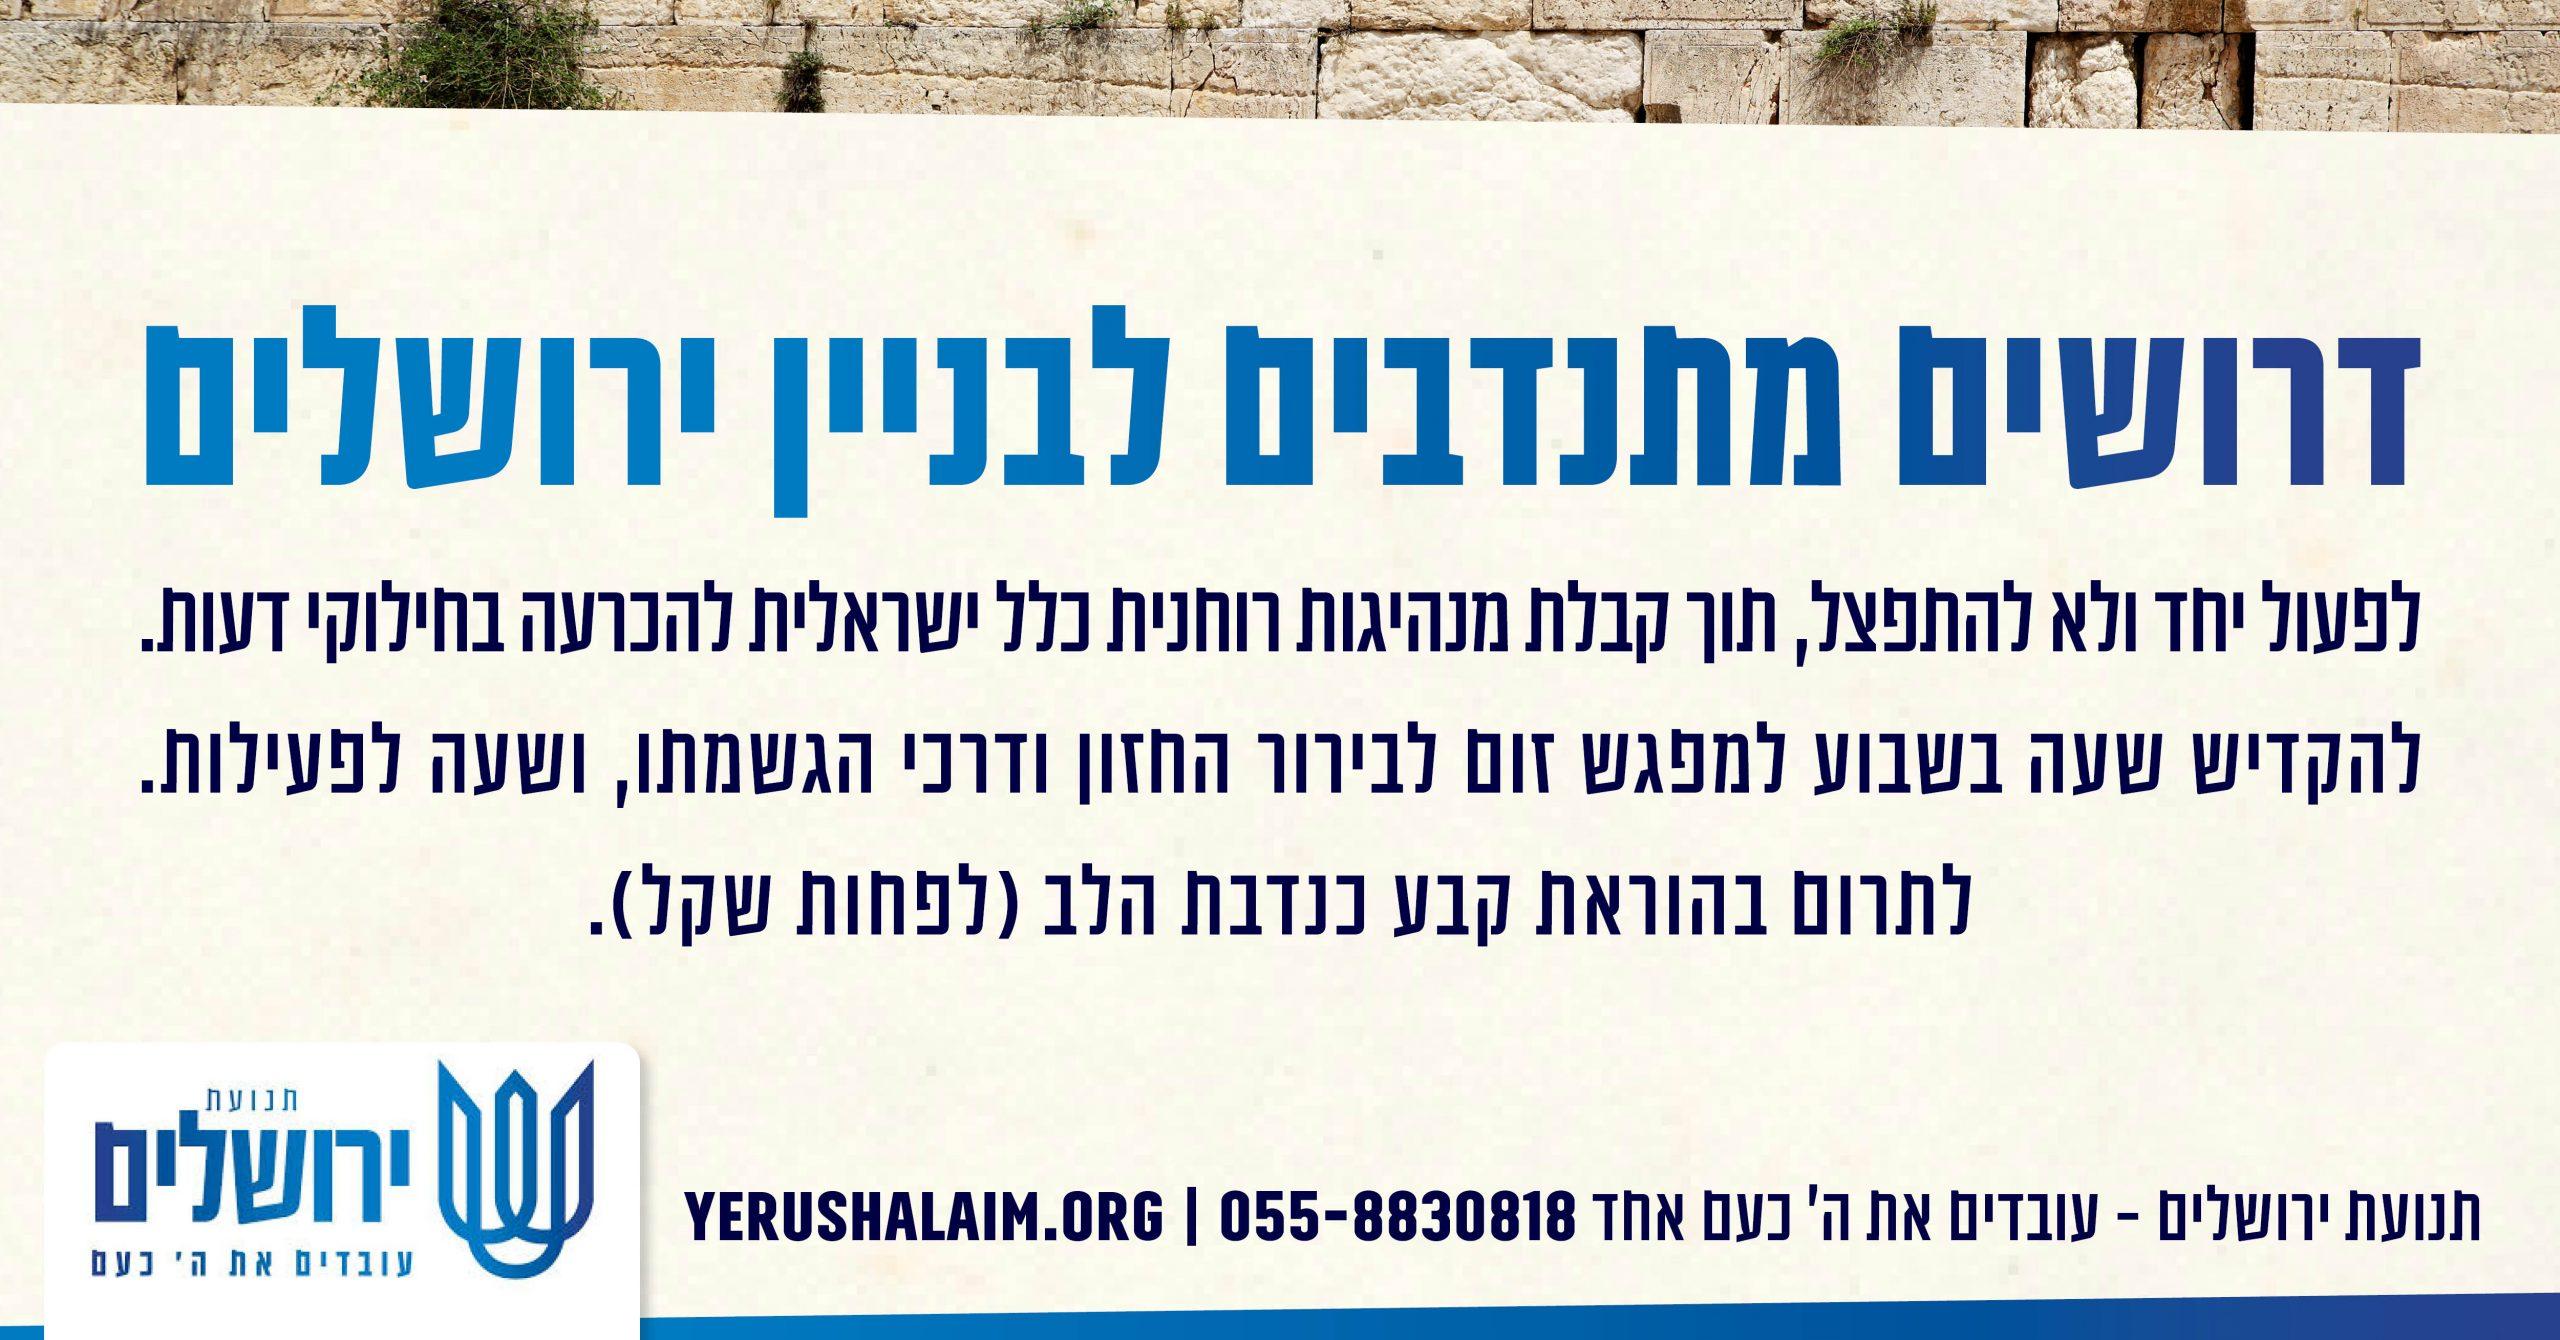 מודעת דרושים מתנדבים תנועת ירושלים